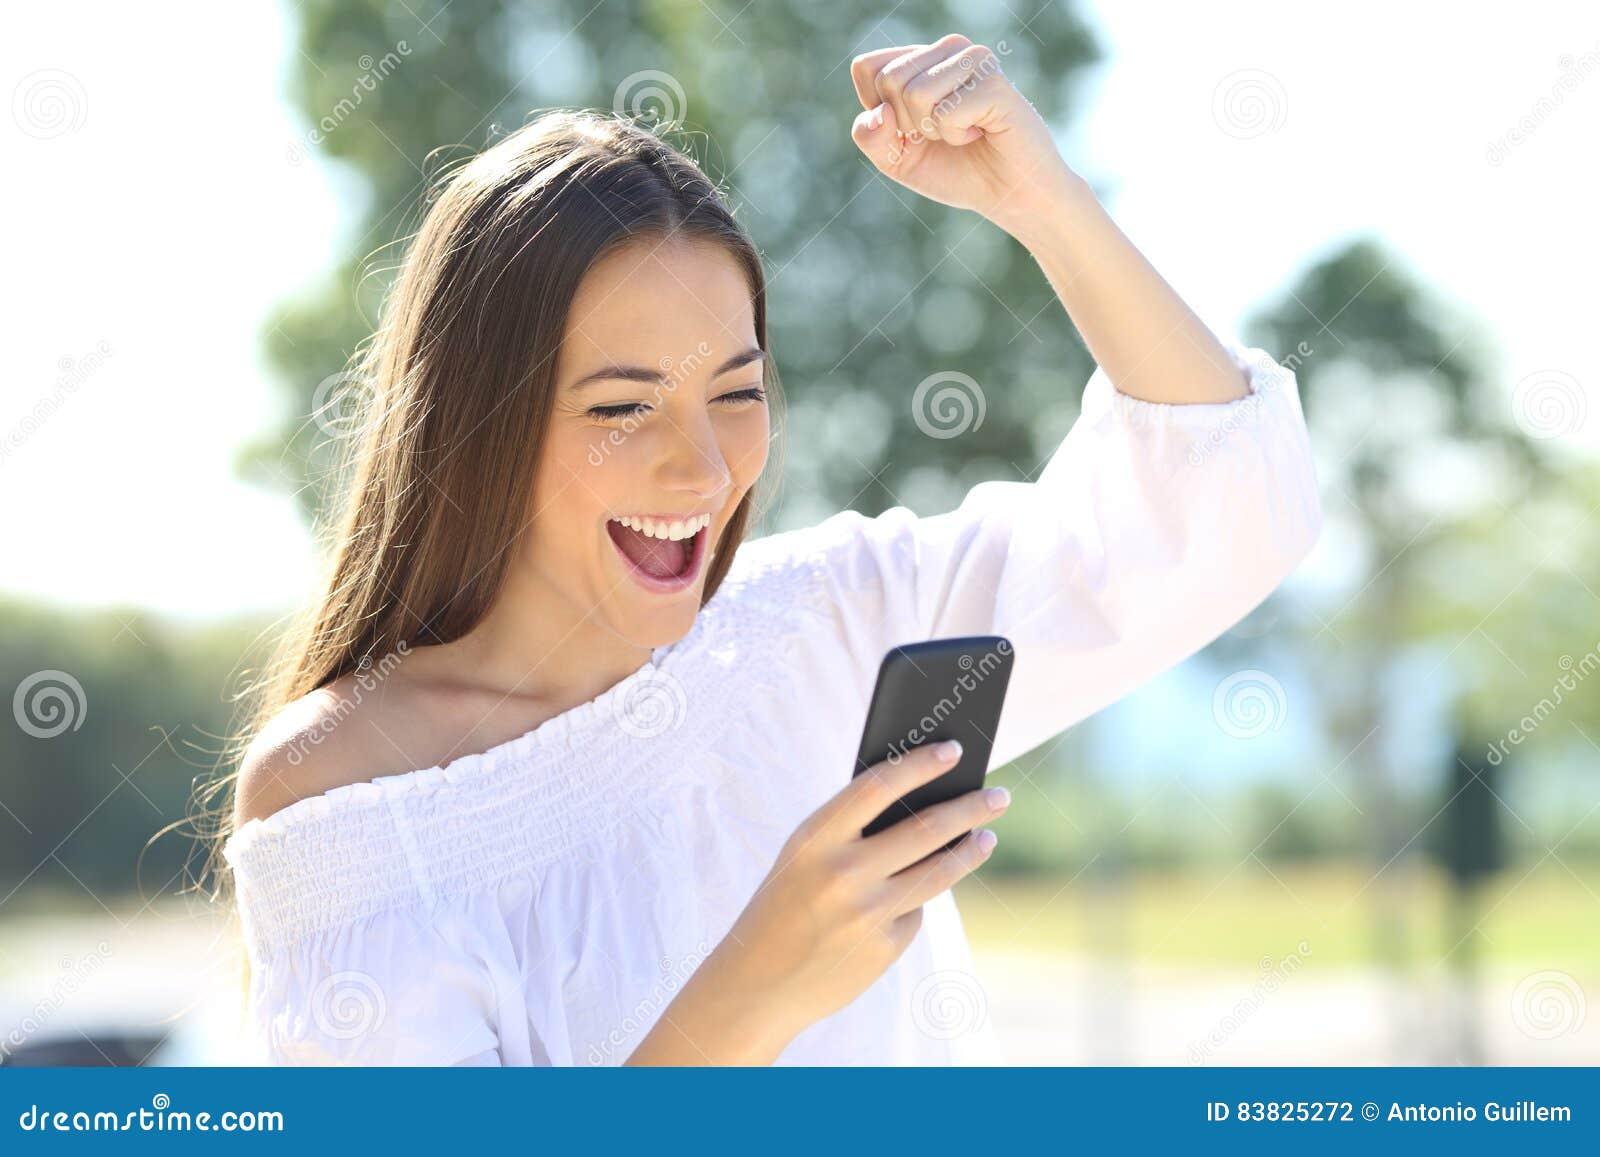 Ragazza emozionante con un telefono cellulare in un parco